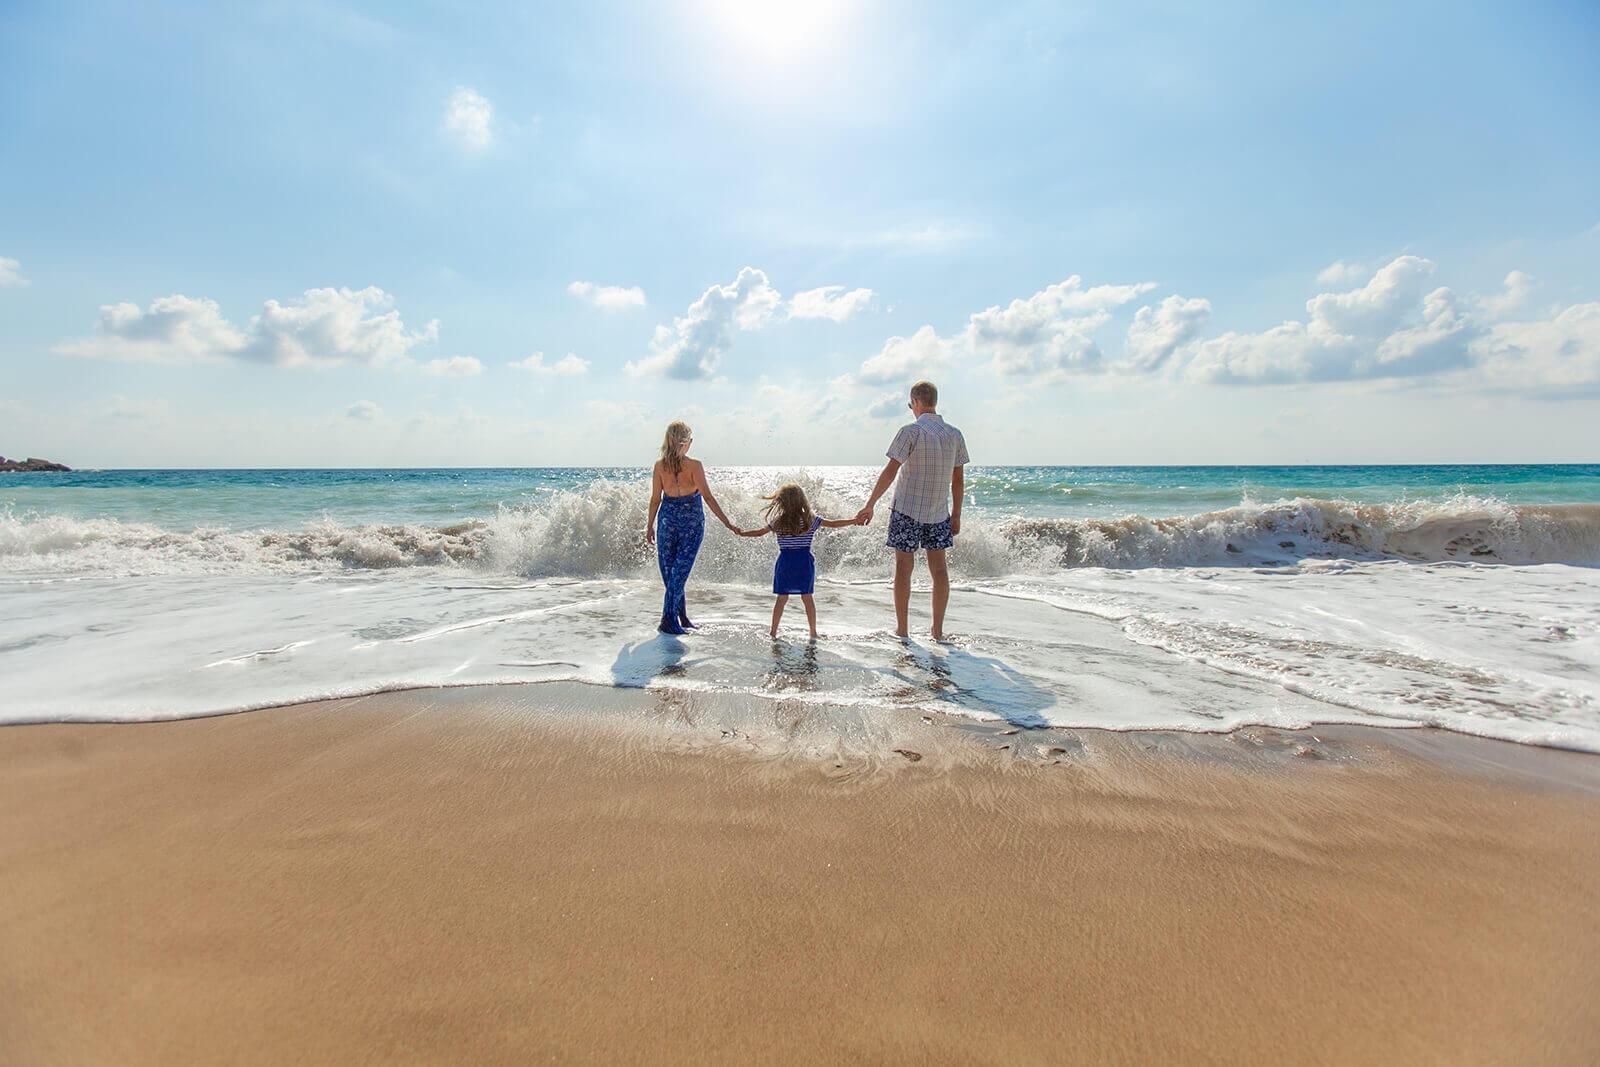 昆州旅遊業恢復計畫